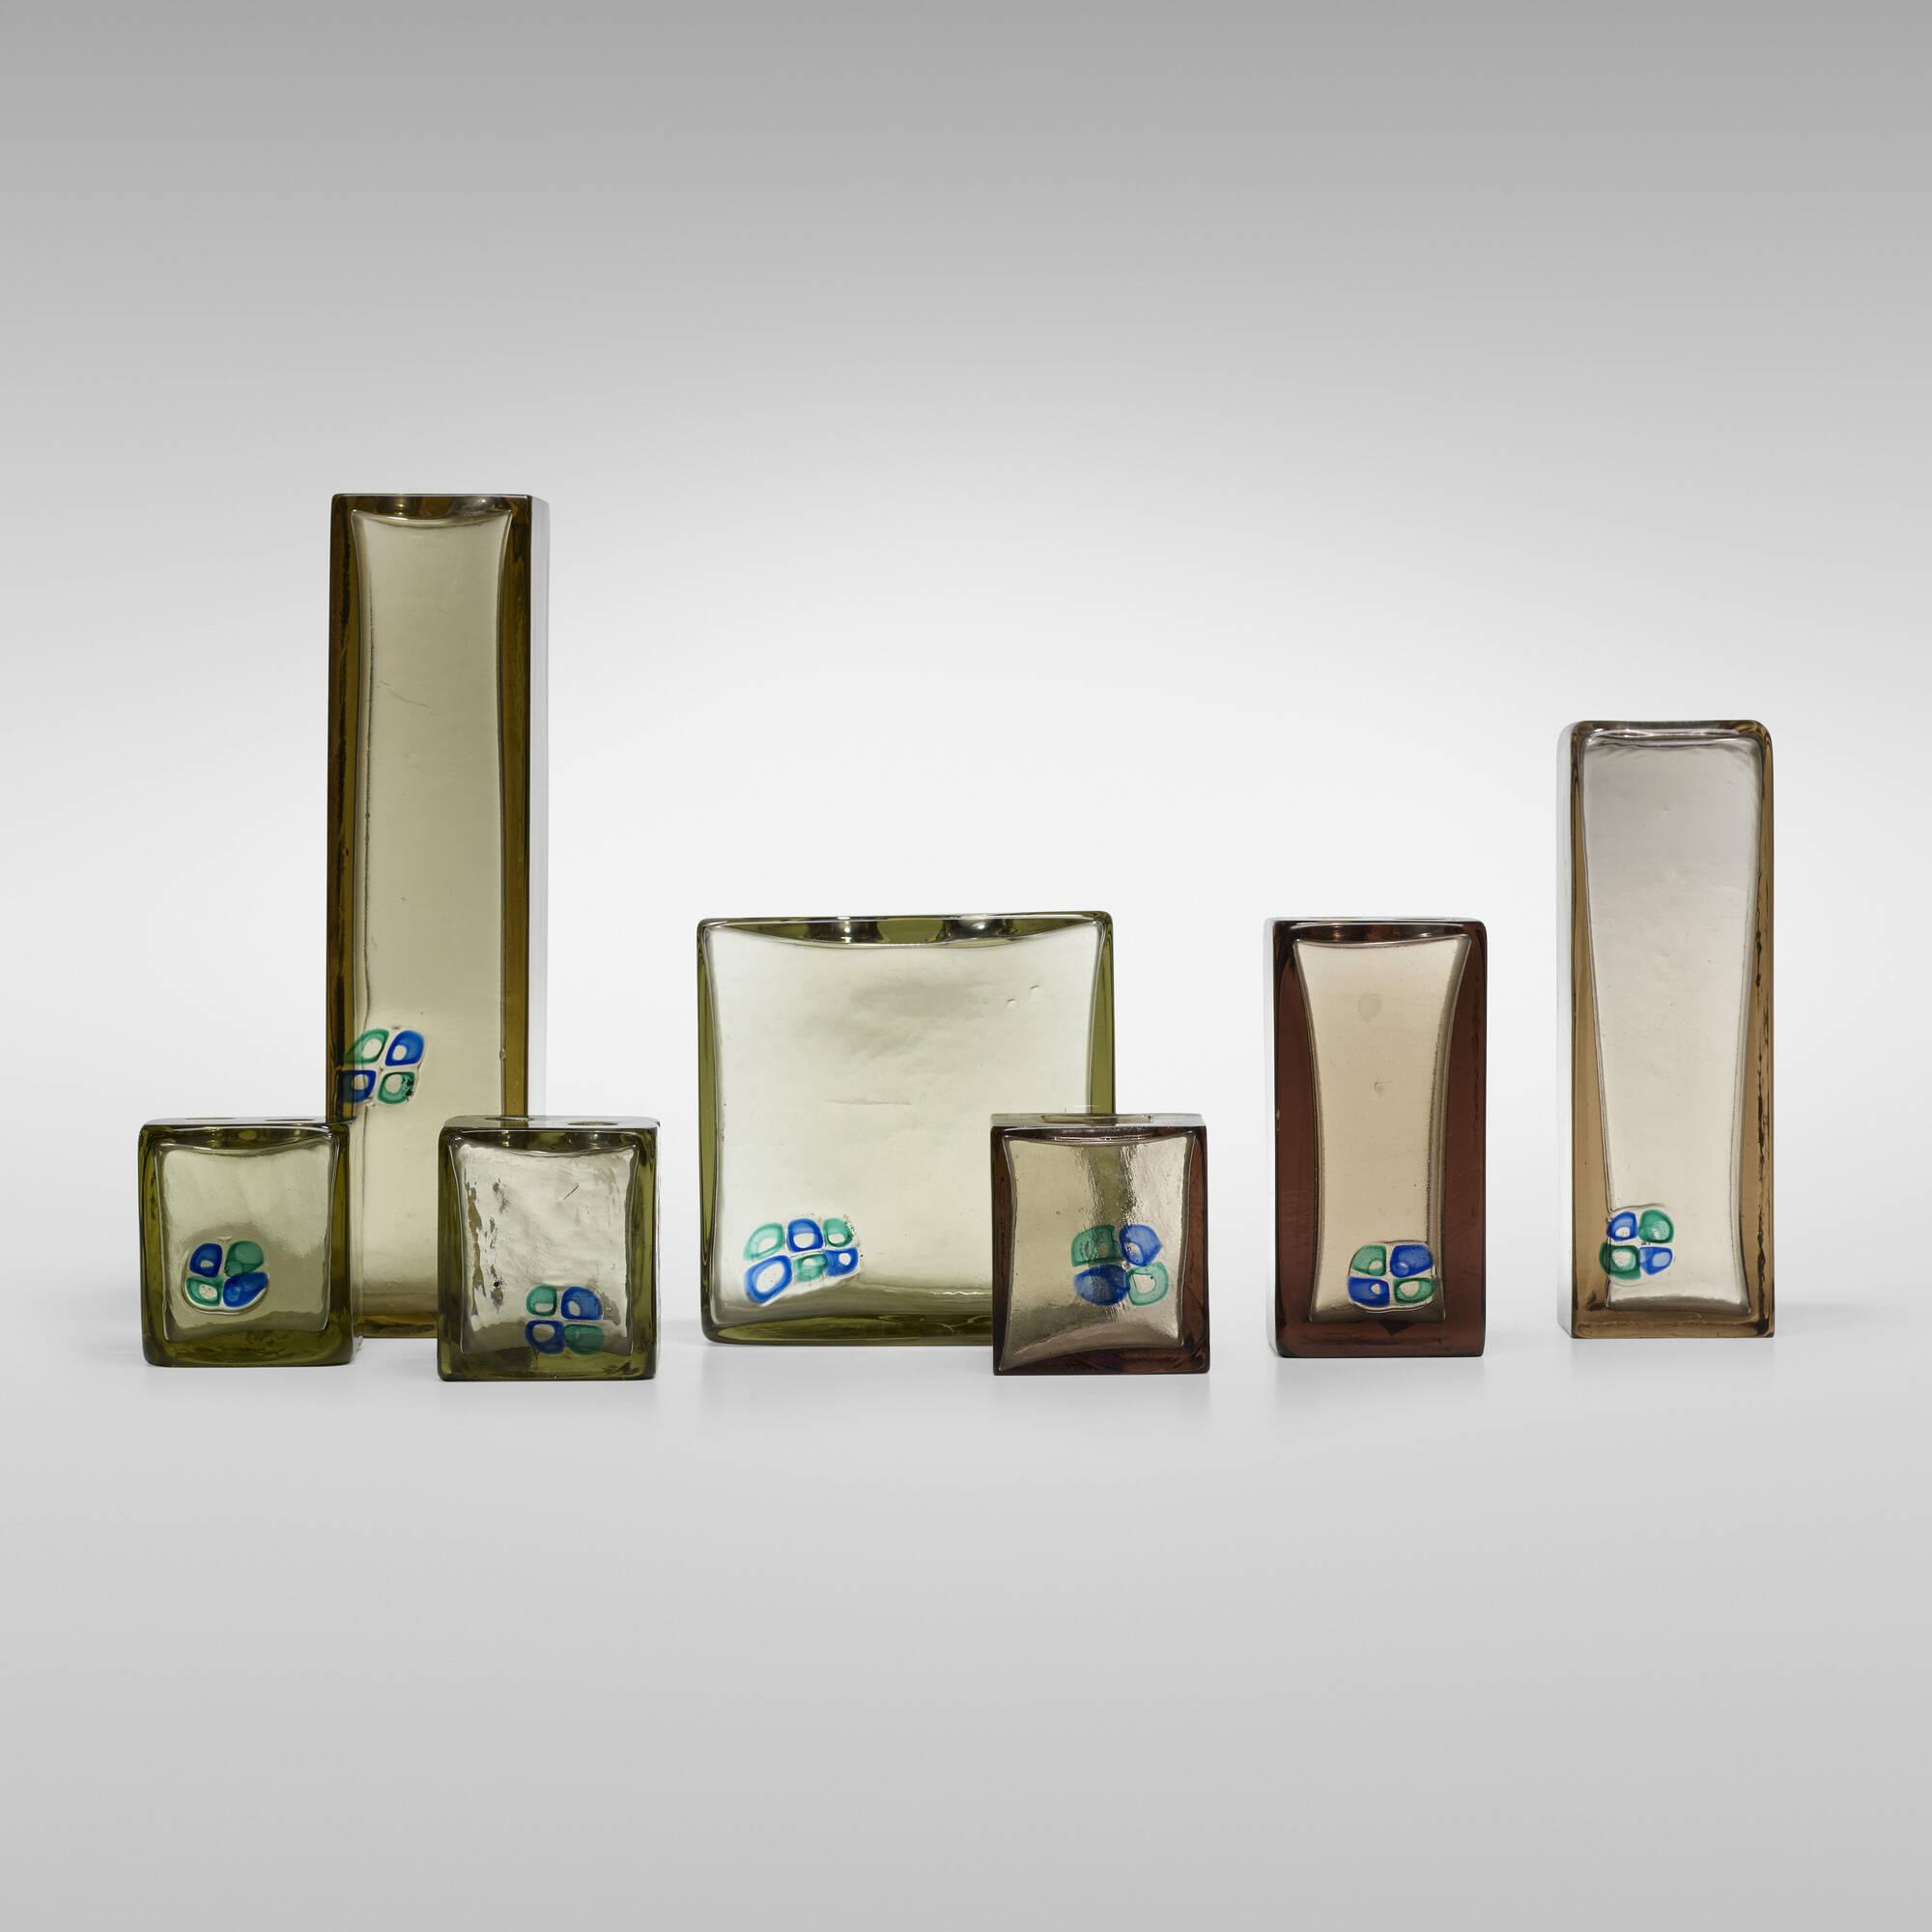 150: Fulvio Bianconi / collection of seven Sezione Quadrata vases (1 of 3)